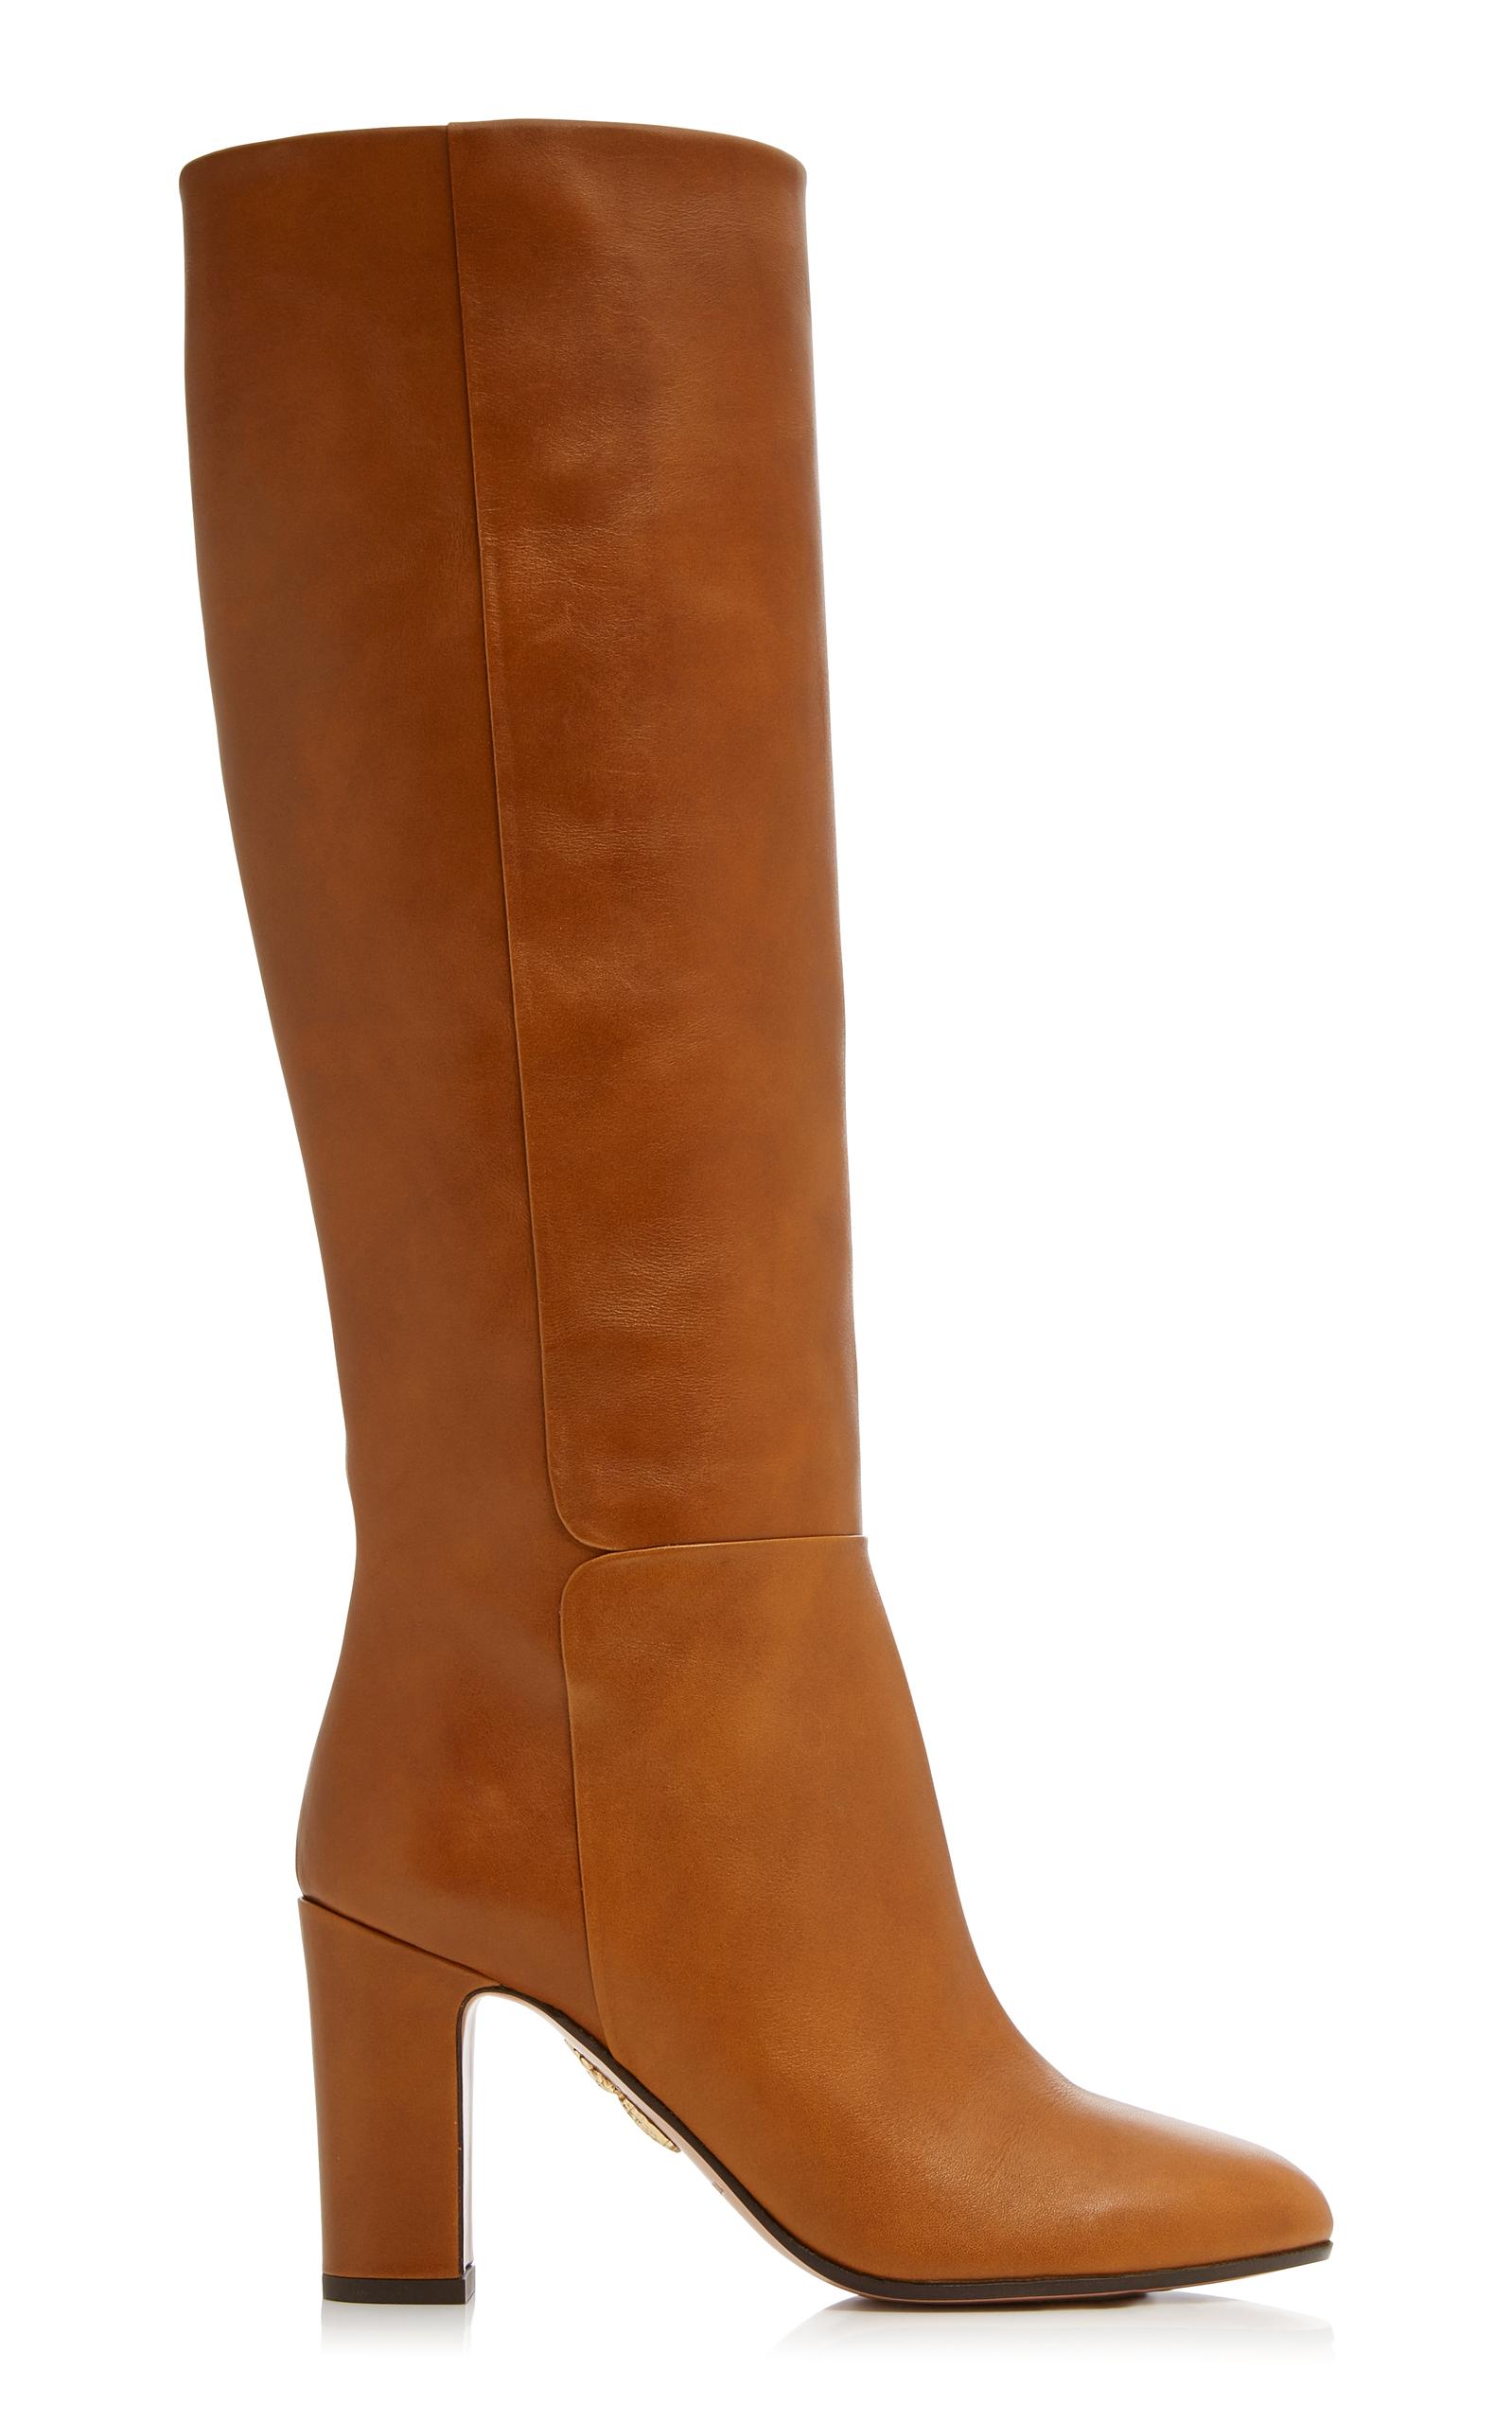 Brera Leather BootsAquazzura nhntOeyF